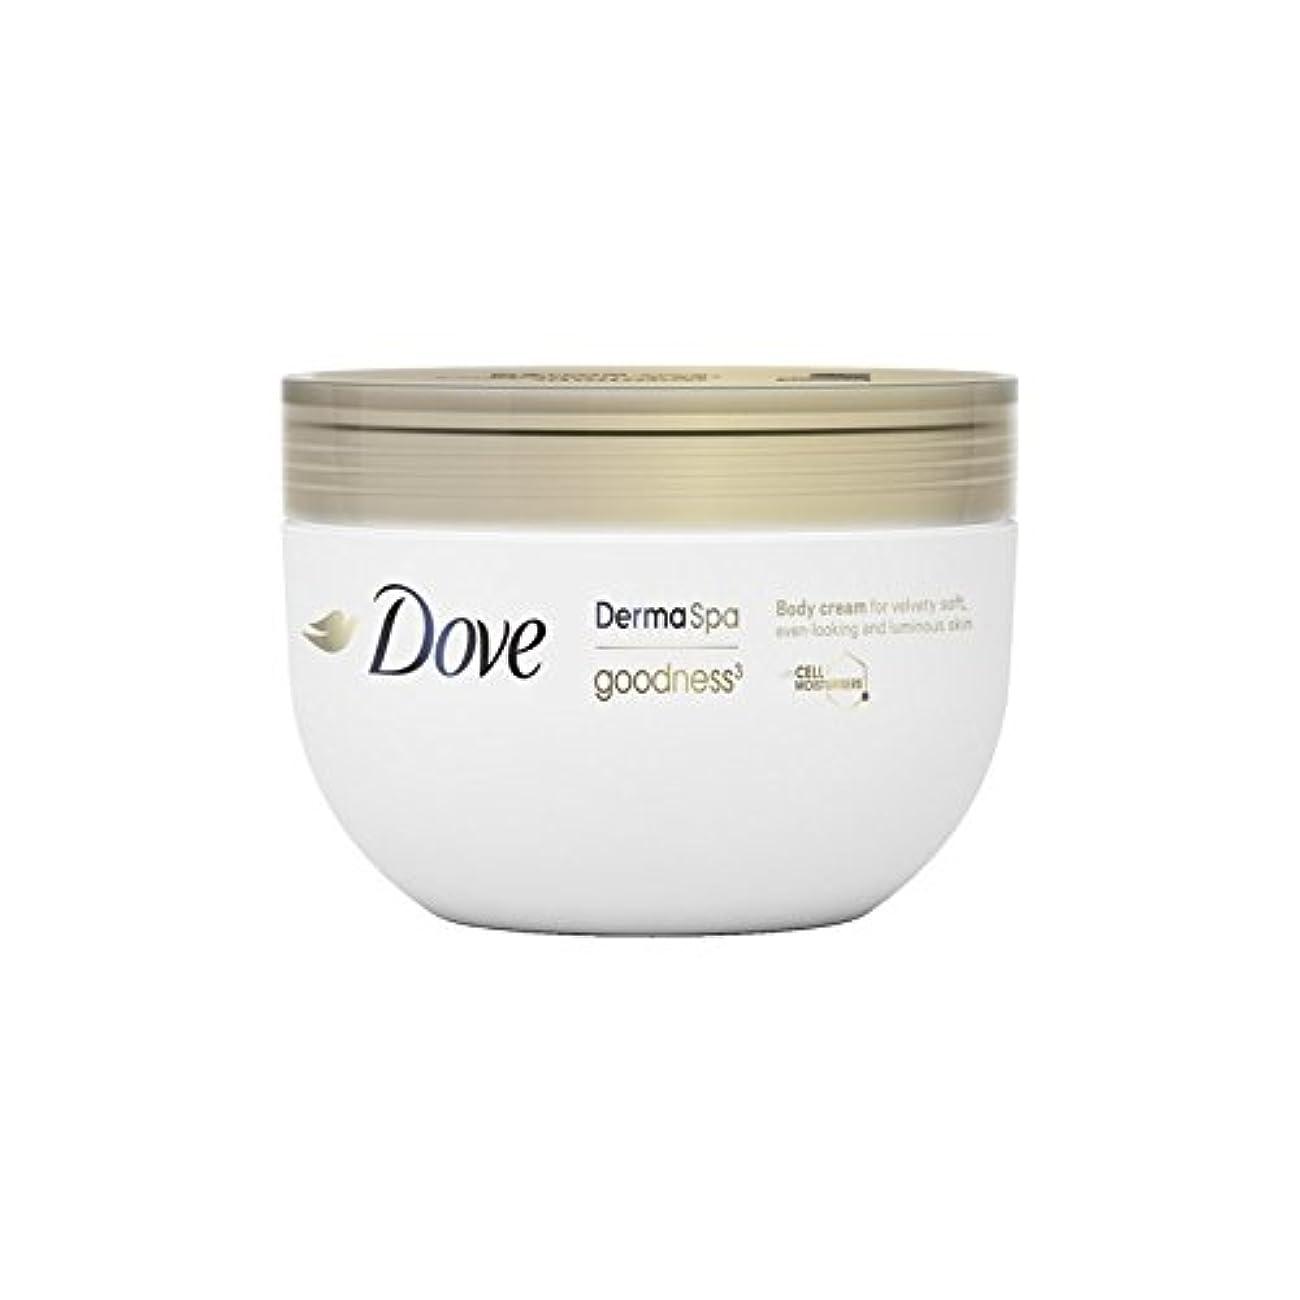 サスペンションエンジニアリング予見する鳩の3ボディクリーム(300ミリリットル) x4 - Dove DermaSpa Goodness3 Body Cream (300ml) (Pack of 4) [並行輸入品]